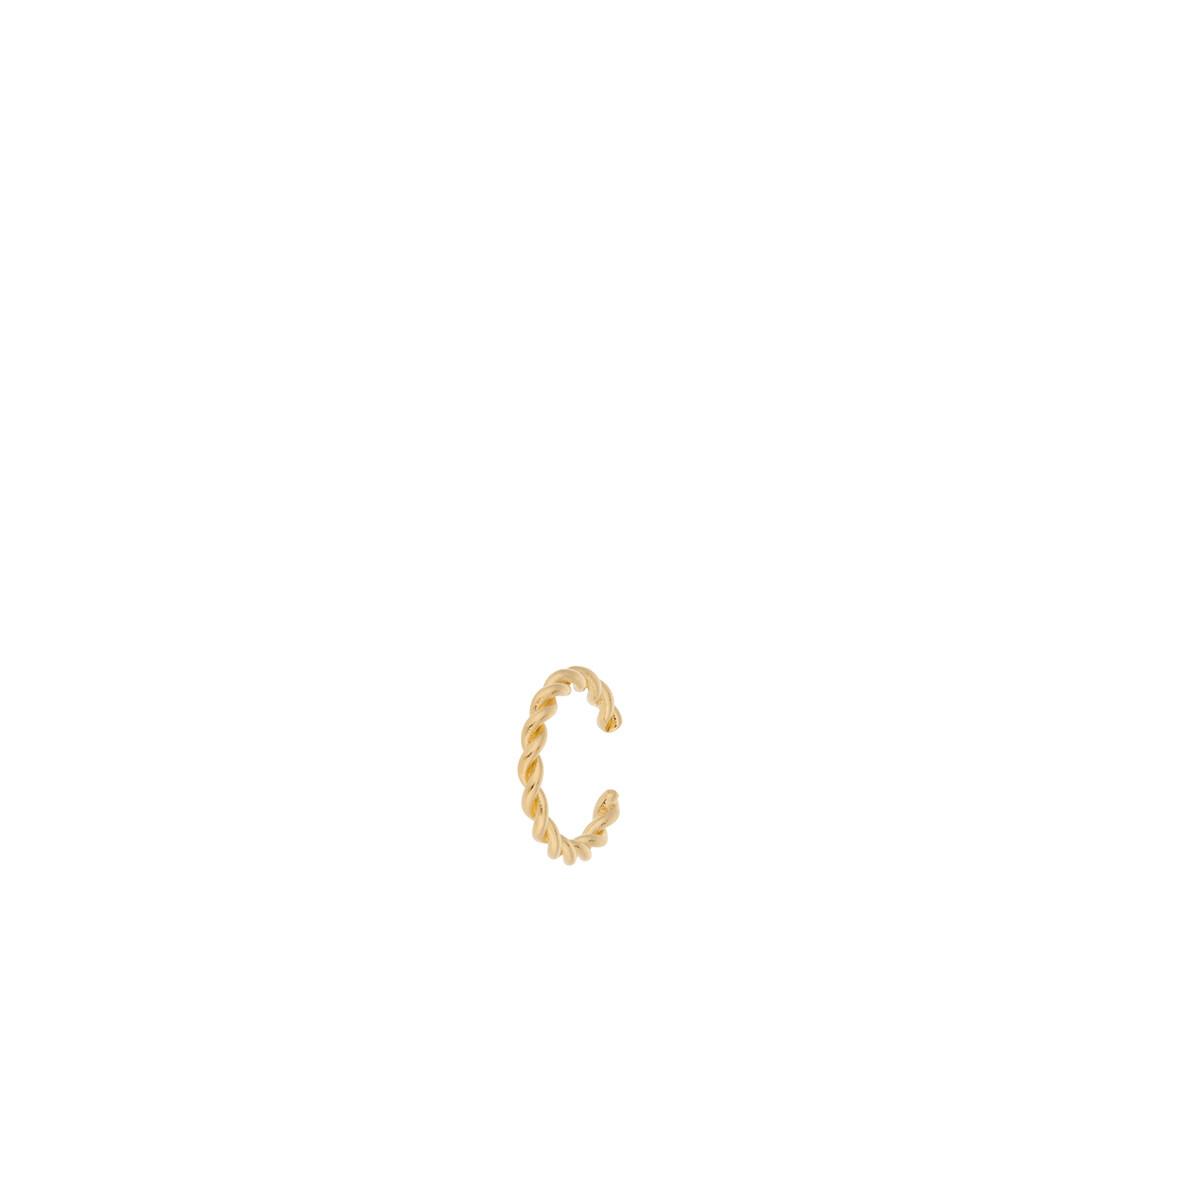 Pernille Corydon - Twisted Ear Cuff One Piece Gull